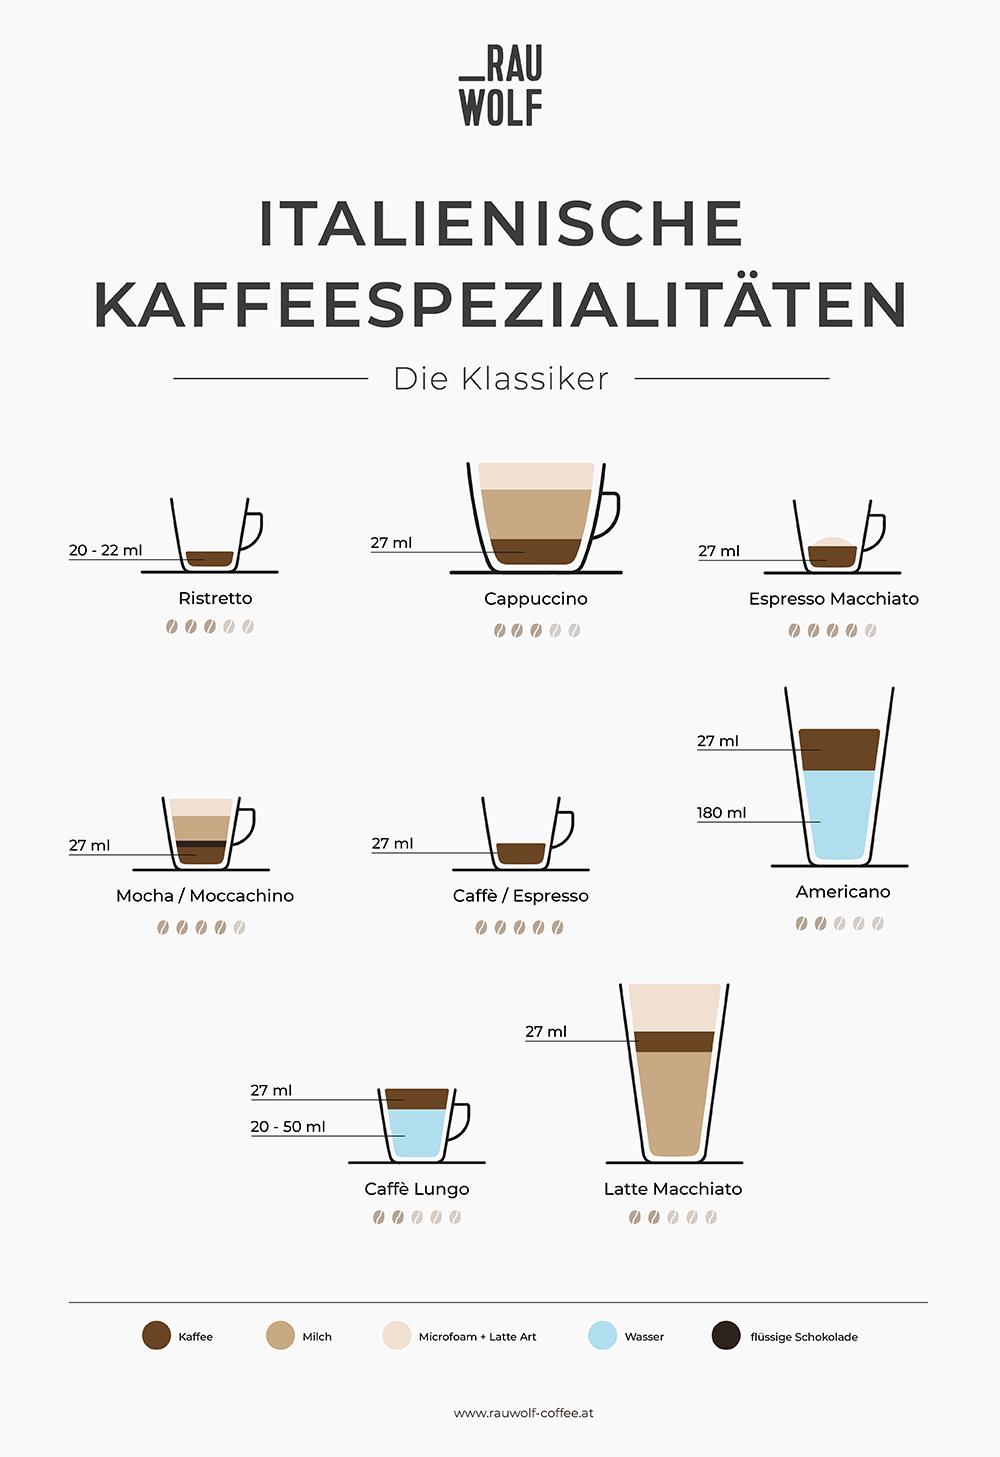 Italienische Kaffeespezialitäten, die Kaffeetrinker kennen sollten